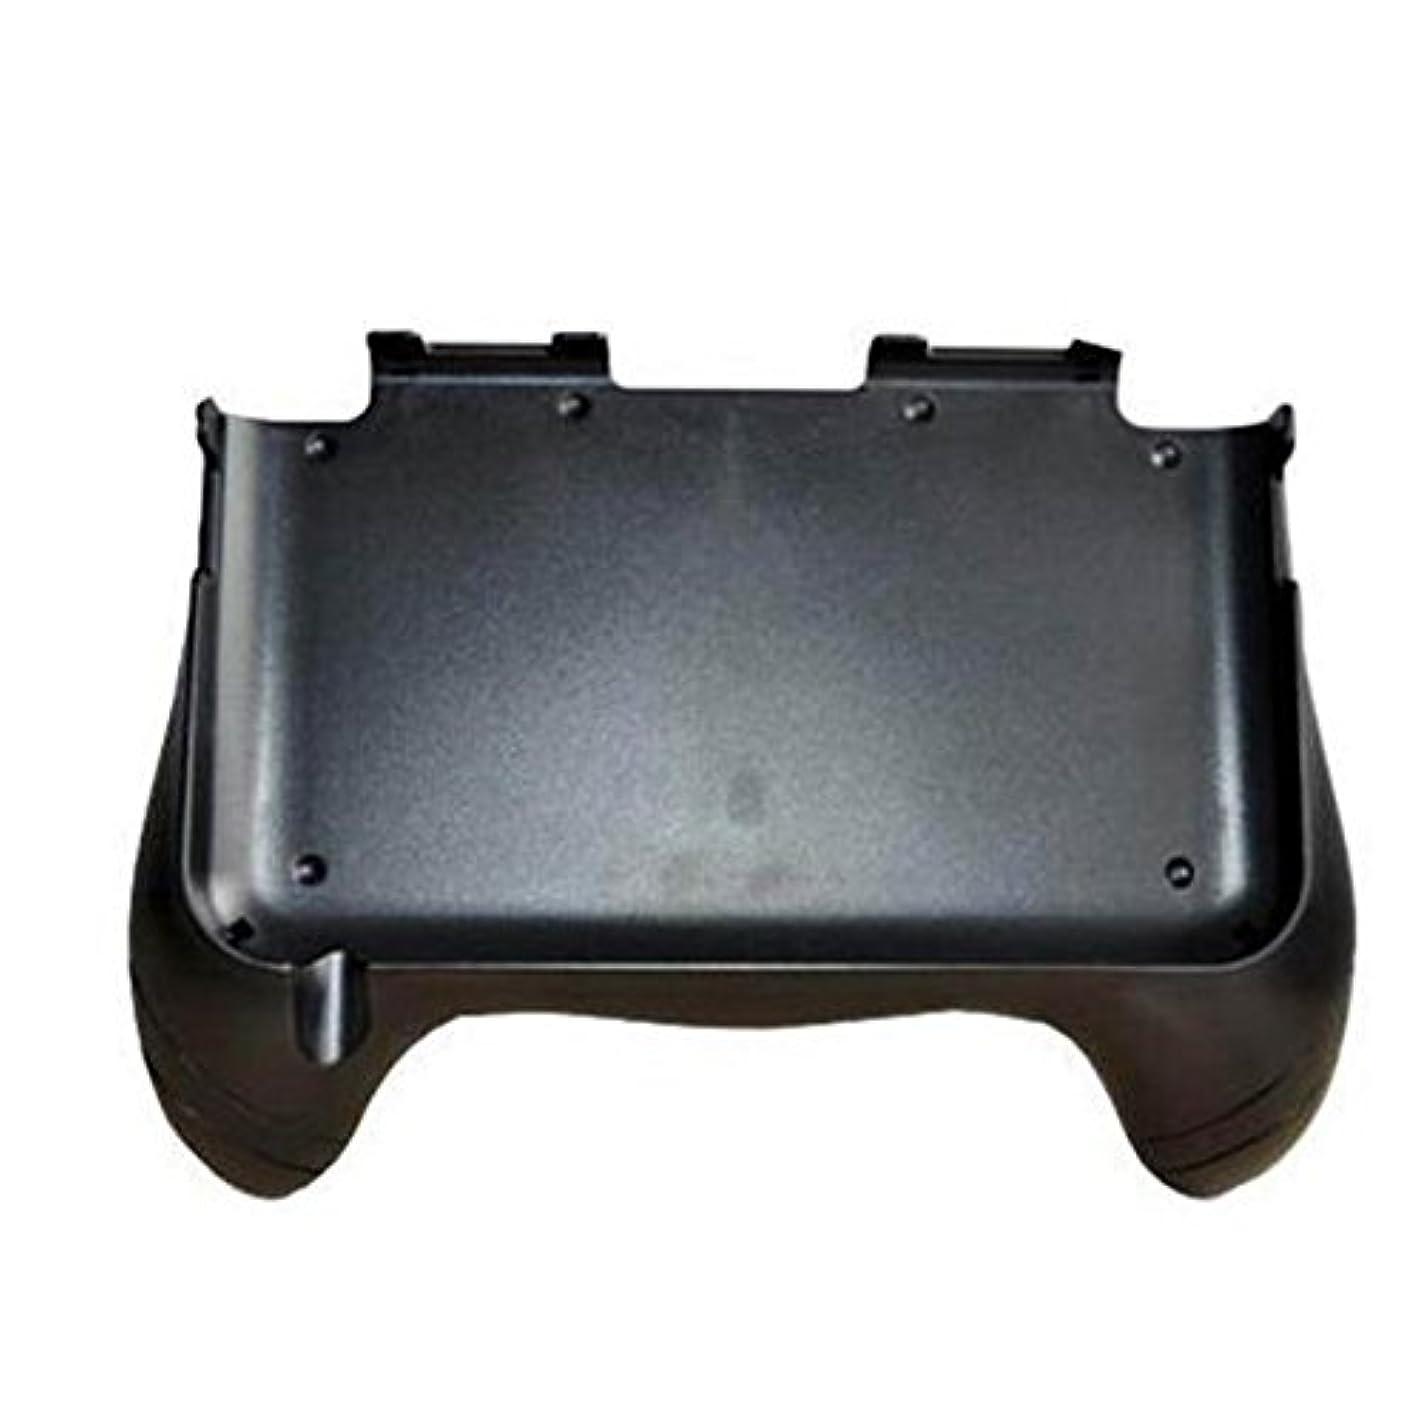 超高層ビル芸術的移植Yumbyss - ハンドグリップホルダーはNintend 3DS XL/3DS LL用ゲーム保護ケーススタンドハンドル